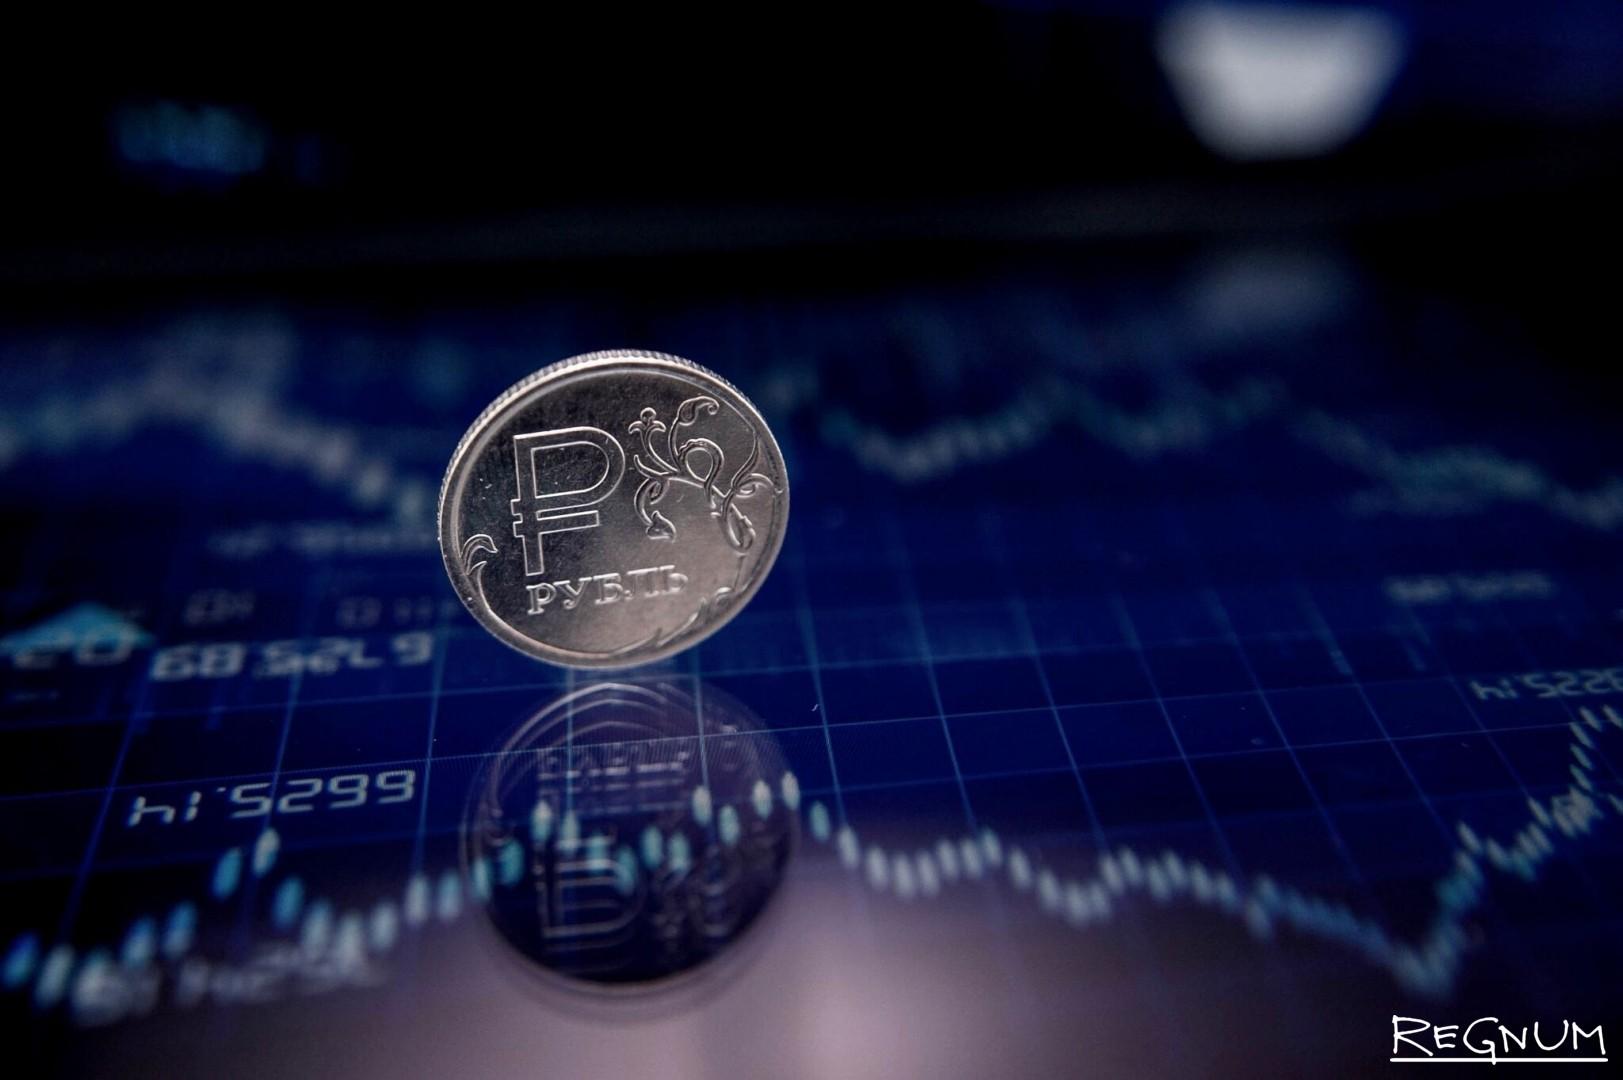 Ходе торгов на московской бирже биткоин прогноз июль 2019